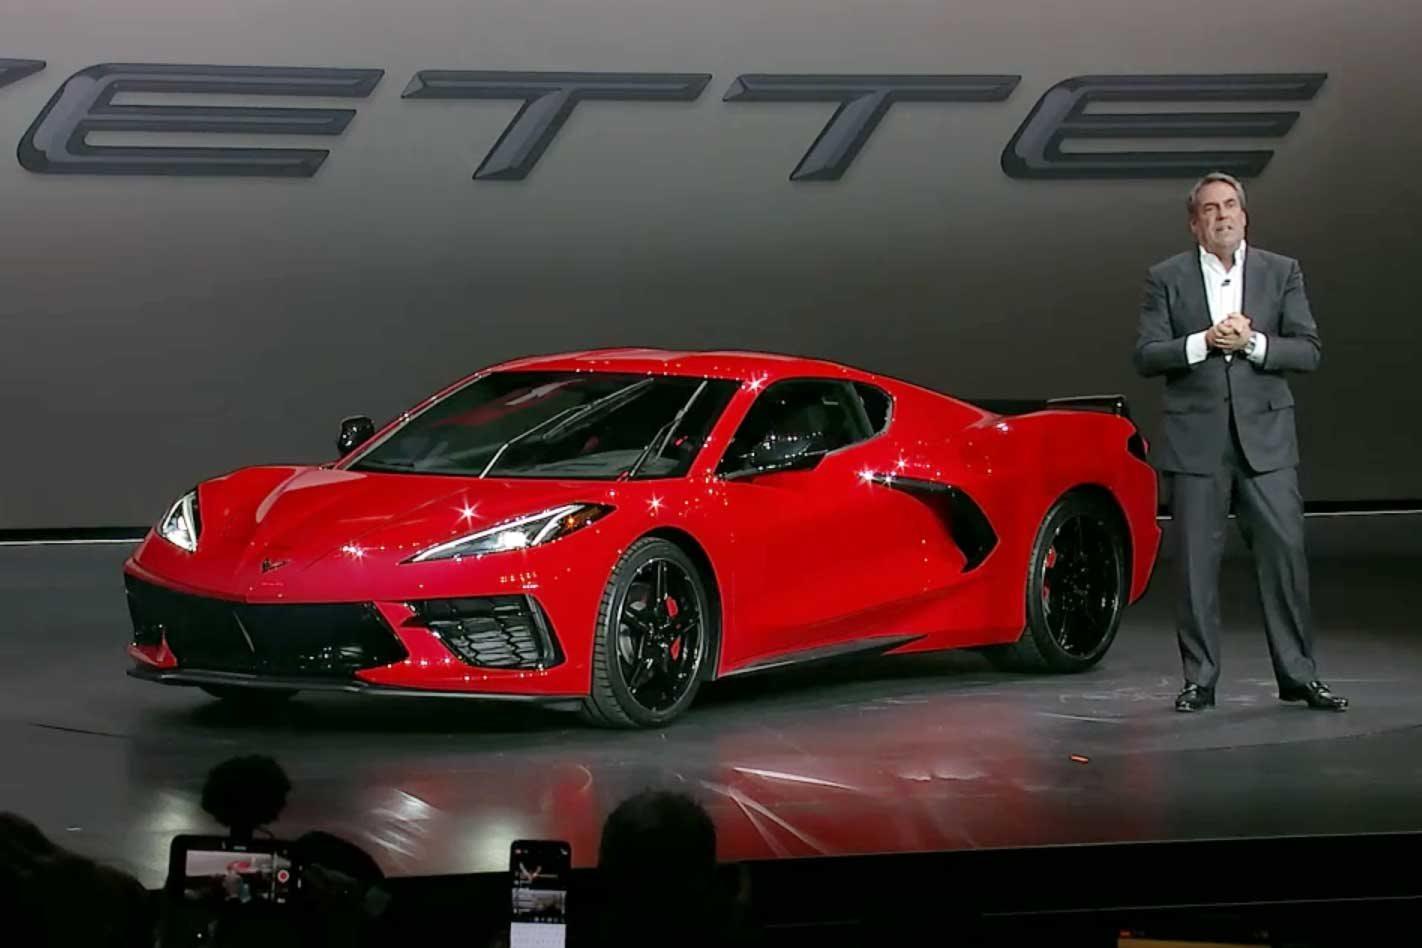 2020 Chevrolet C8 Corvette Stingray Revealed